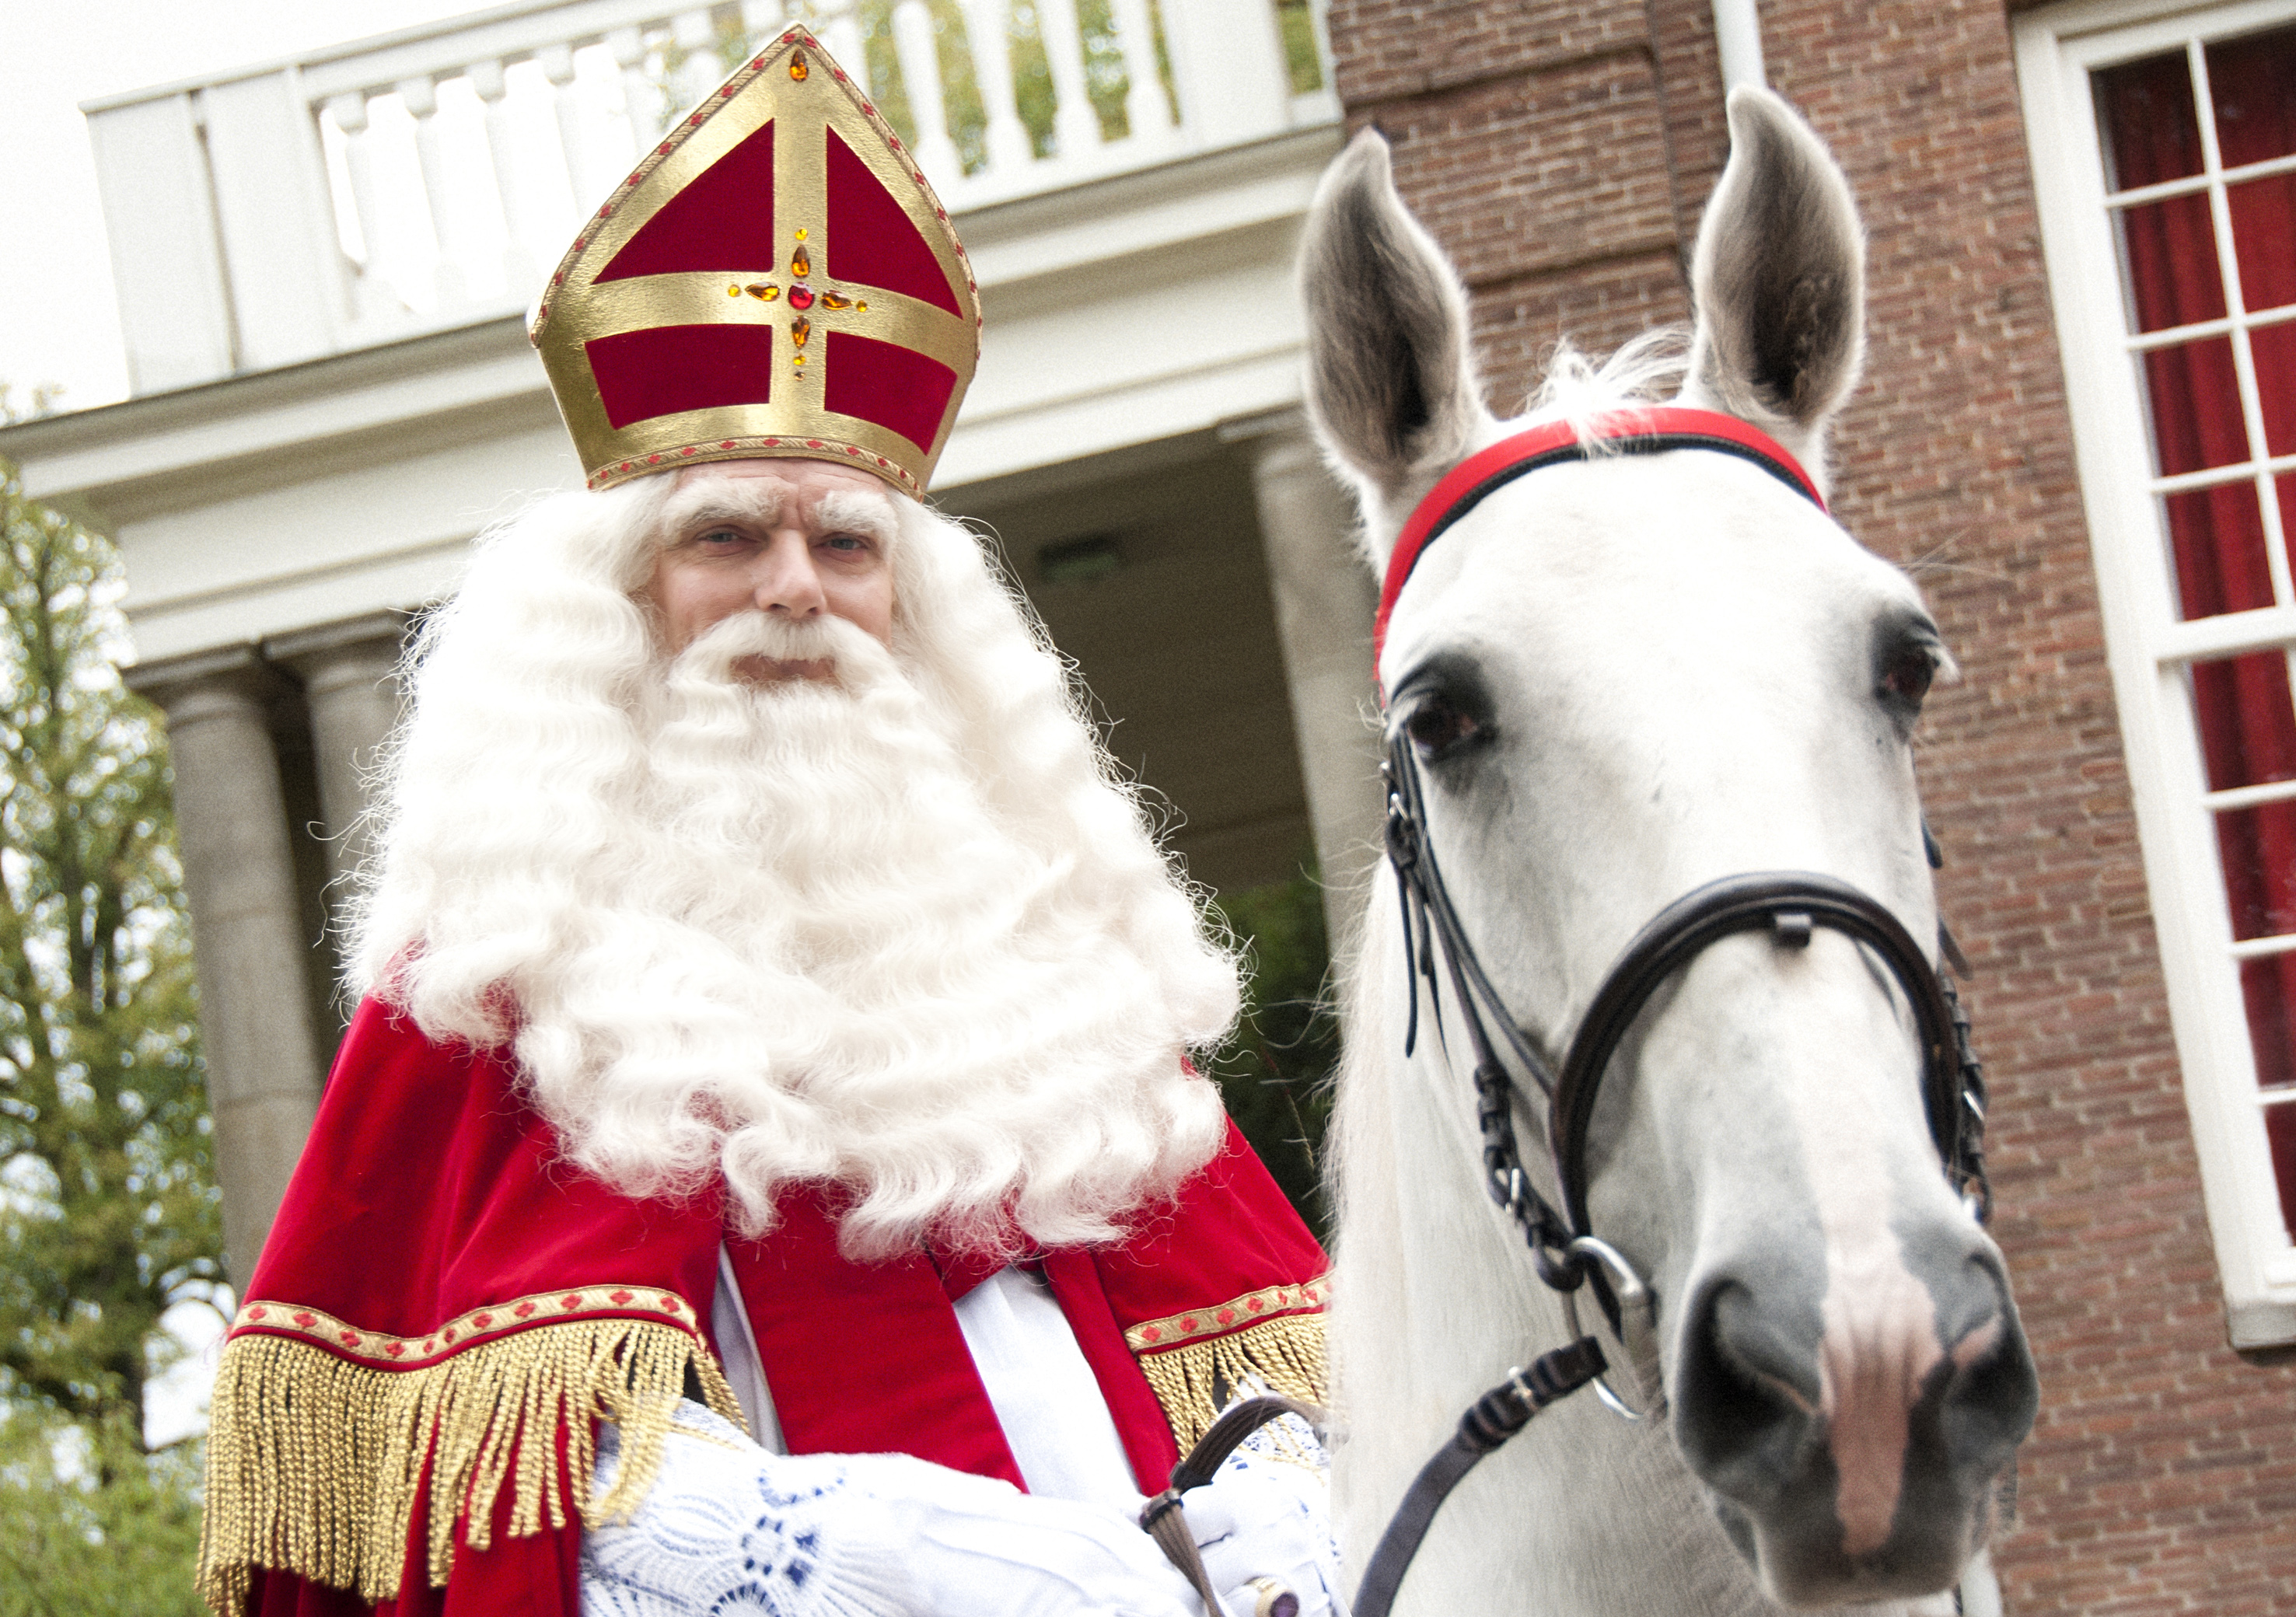 Sinterklaas kijkt ernaar uit de Zaanse kinderen te ontmoeten. (Foto: Gemeente Zaanstad)